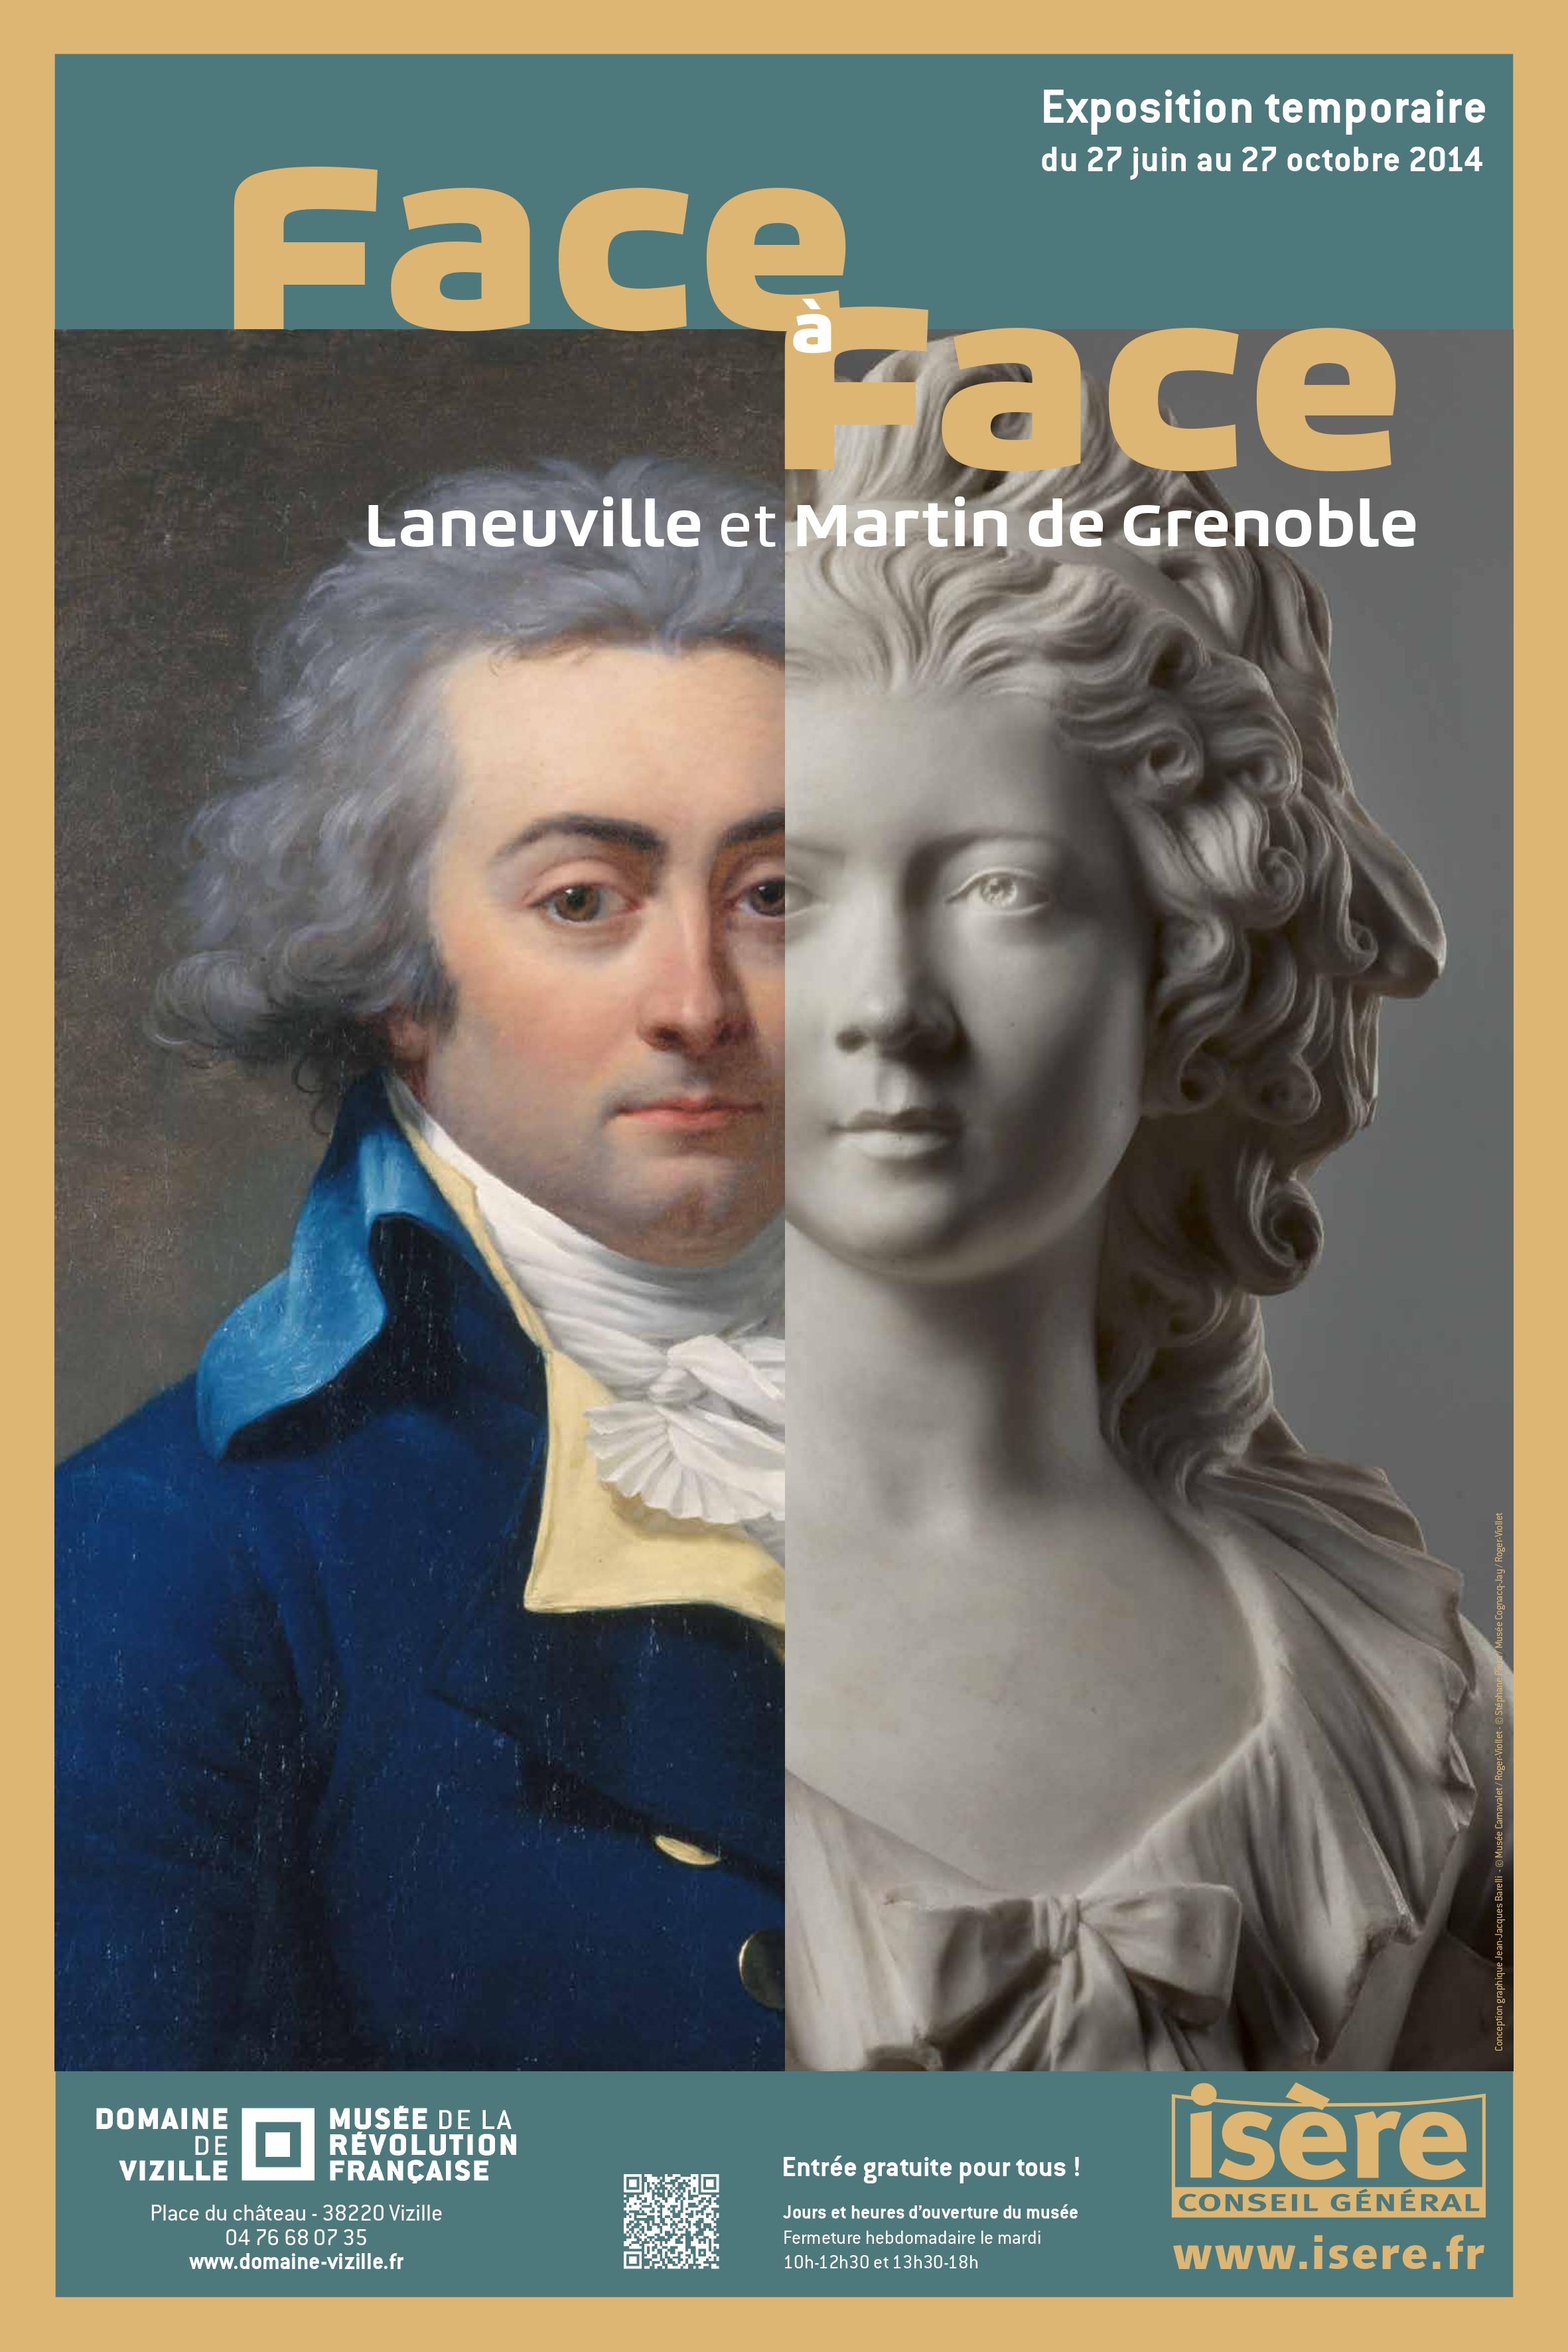 Affiche Face à Face, Laneuville et Martin de Grenoble